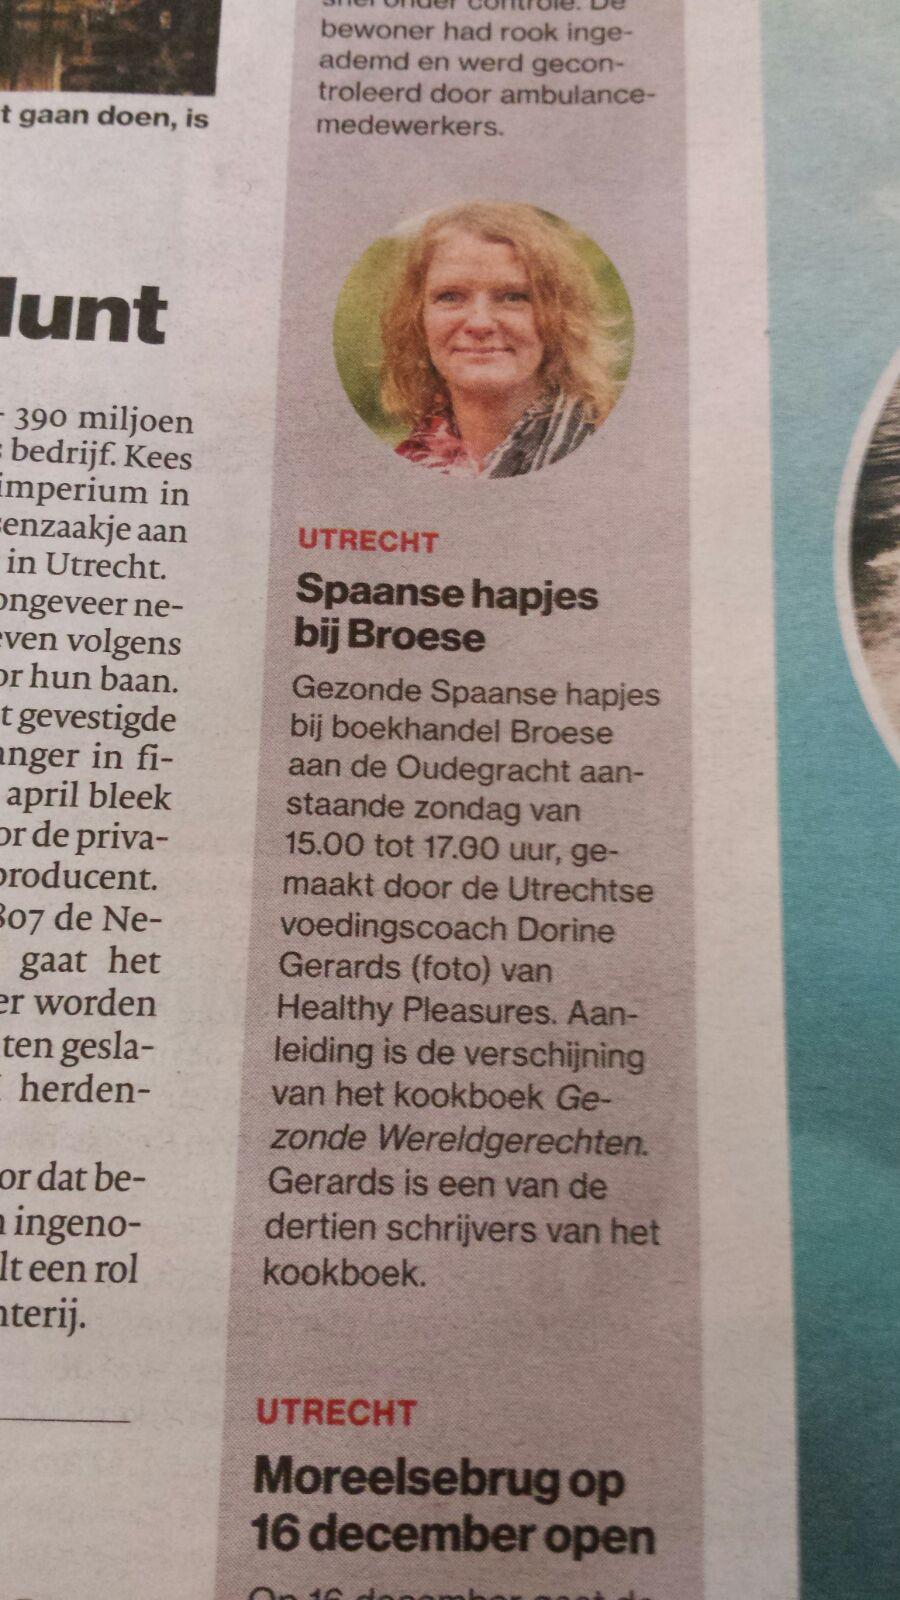 AD Utrechts Nieuwsblad 24-11.2016 aankondiging proeverij uit Kookboek Gezonde Wereldgerechten bij  Broese